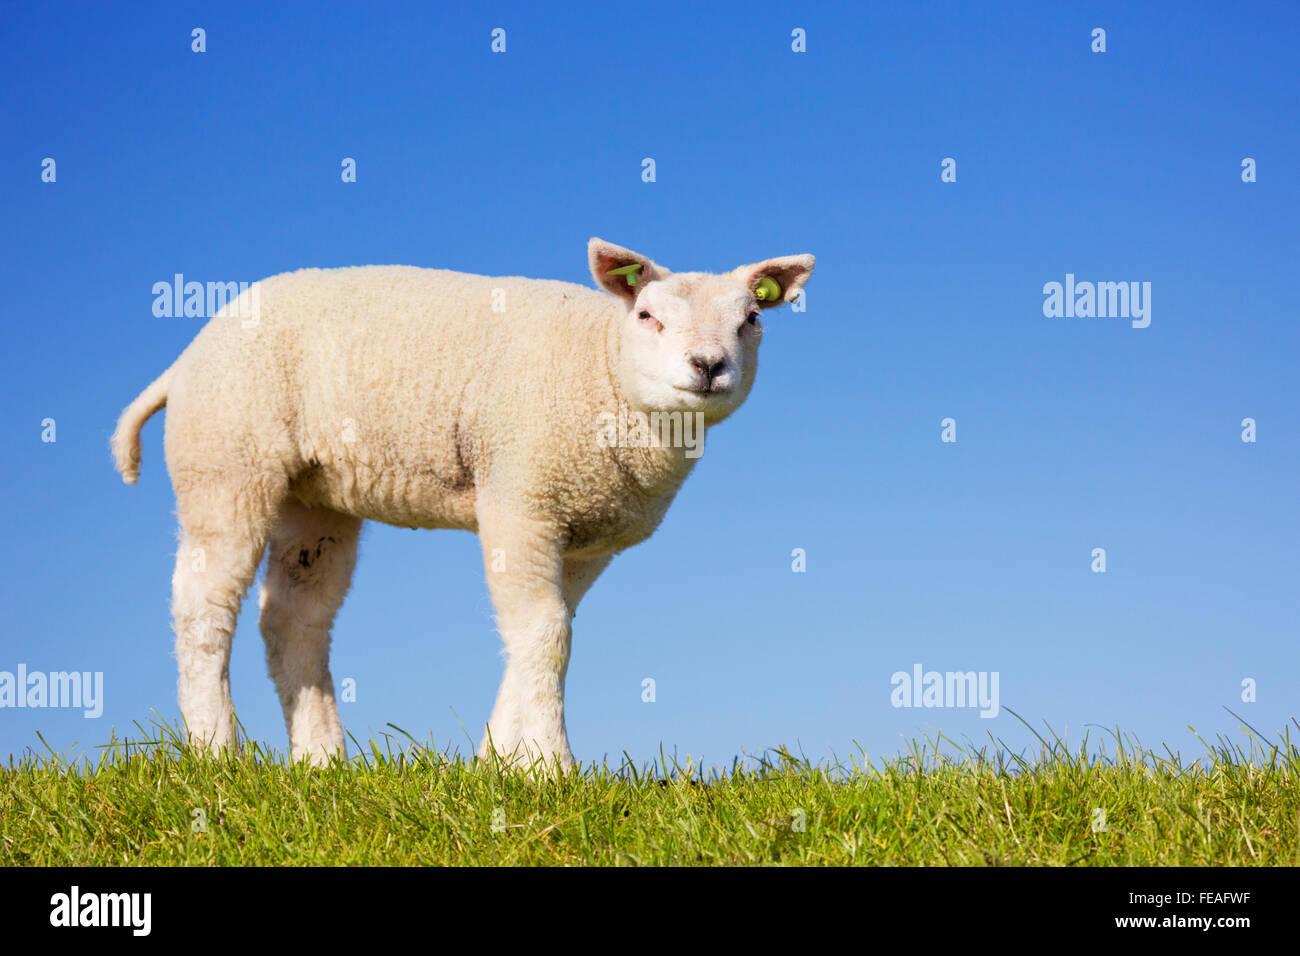 Un piccolo grazioso agnello di Texel in erba sull isola di Texel in Olanda in una giornata di sole. Immagini Stock